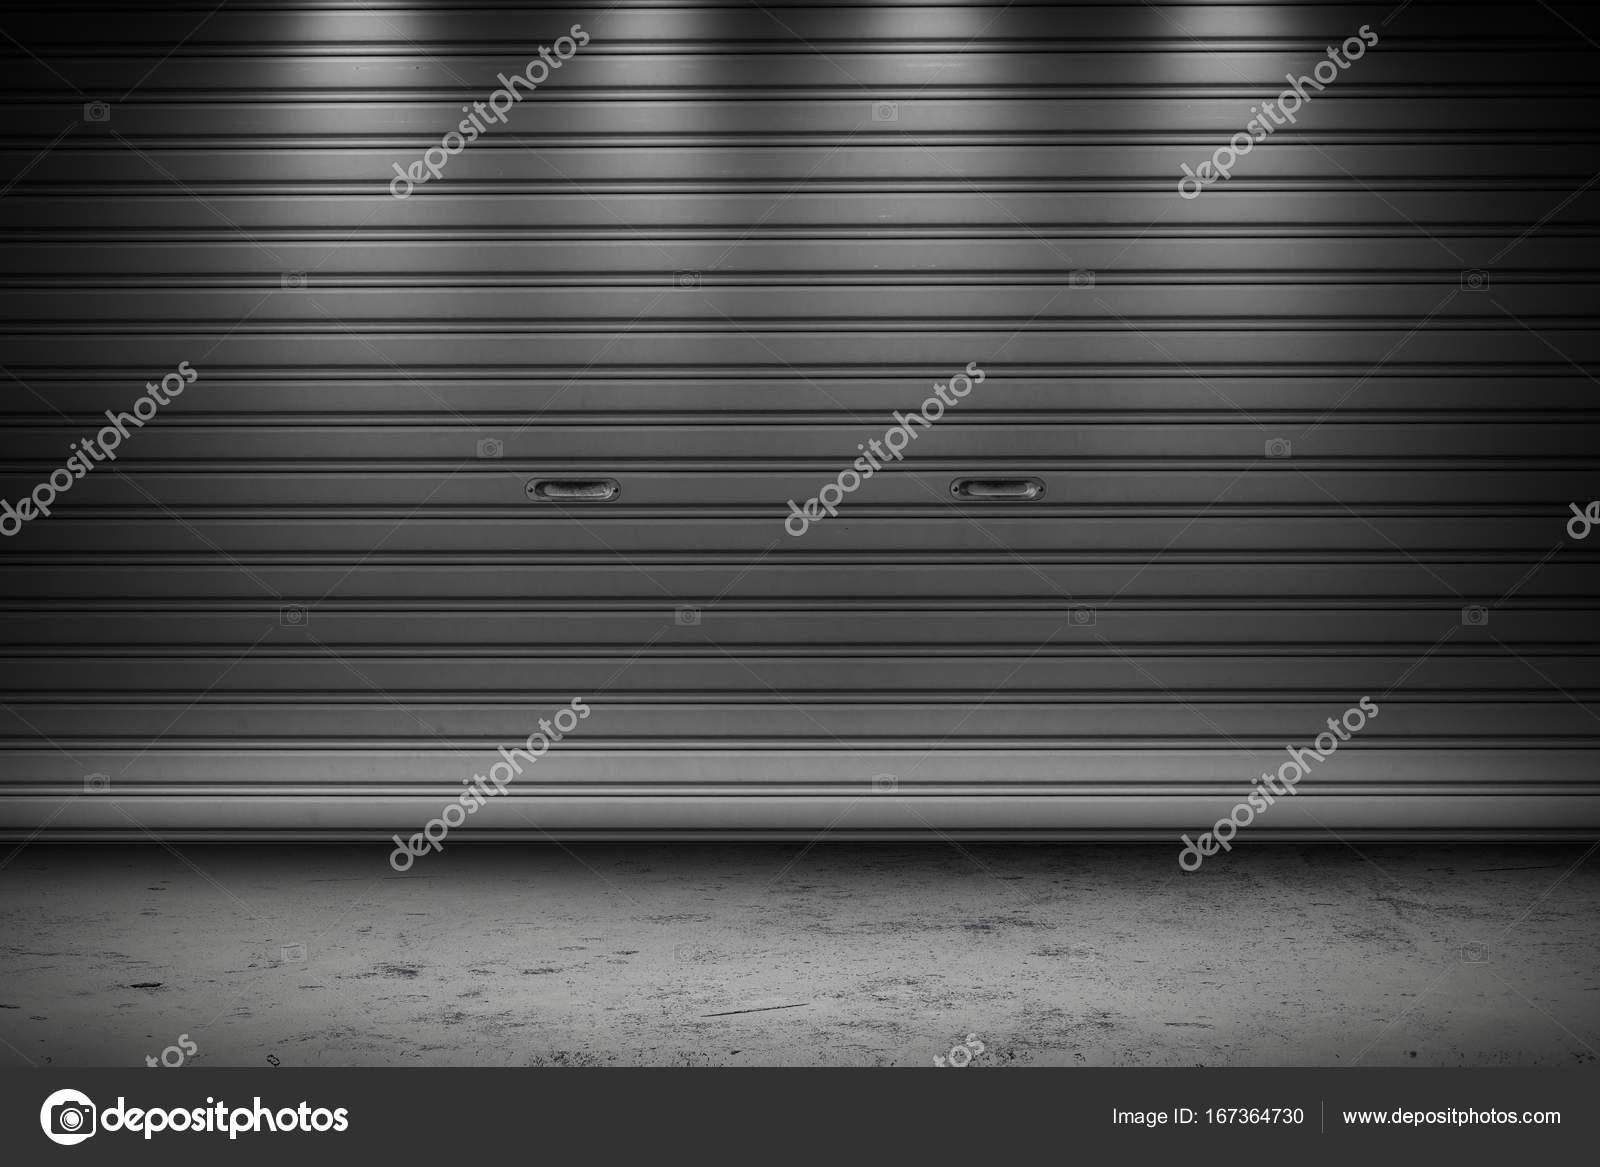 Garage o fabbrica deposito rullo otturatore ante del cancello